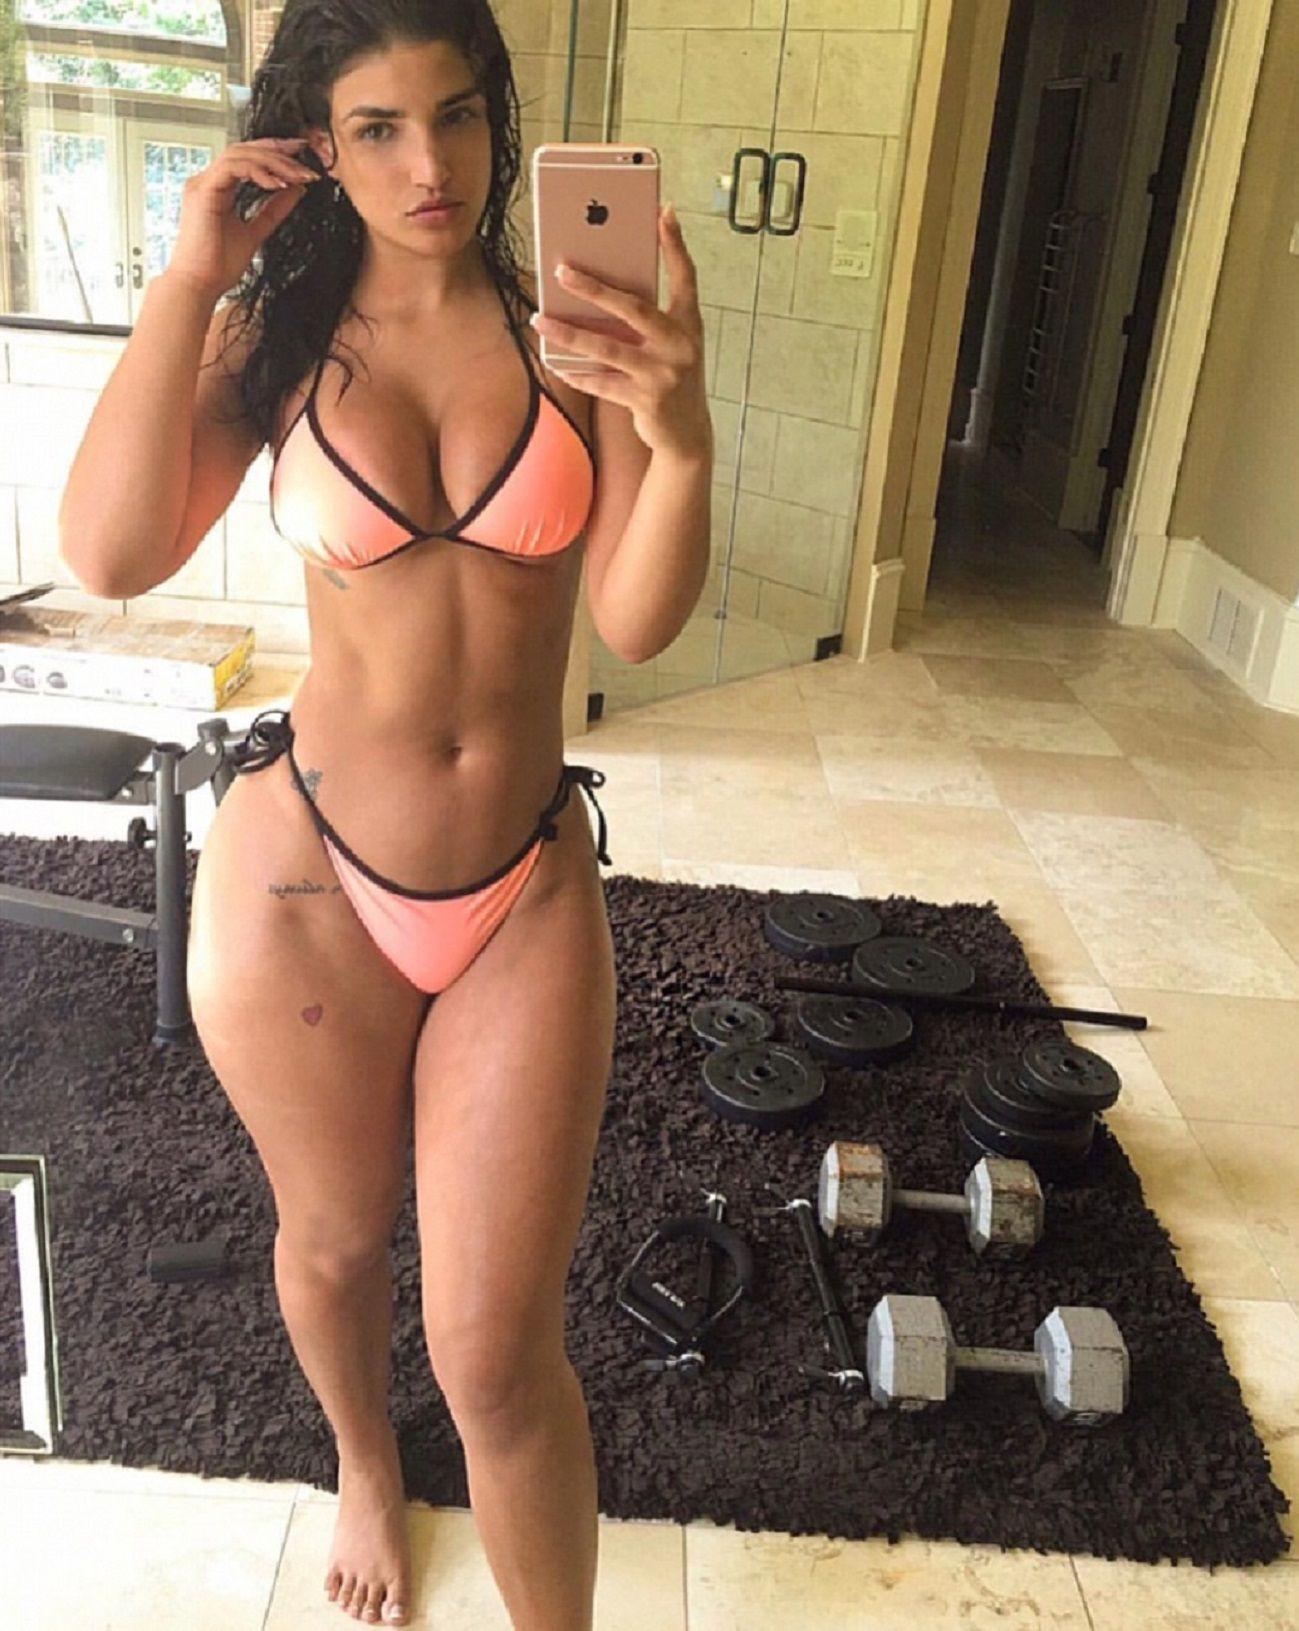 Alyssa Sorto Booty alyssa sorto big booty & big boobs | dream girls | pinterest